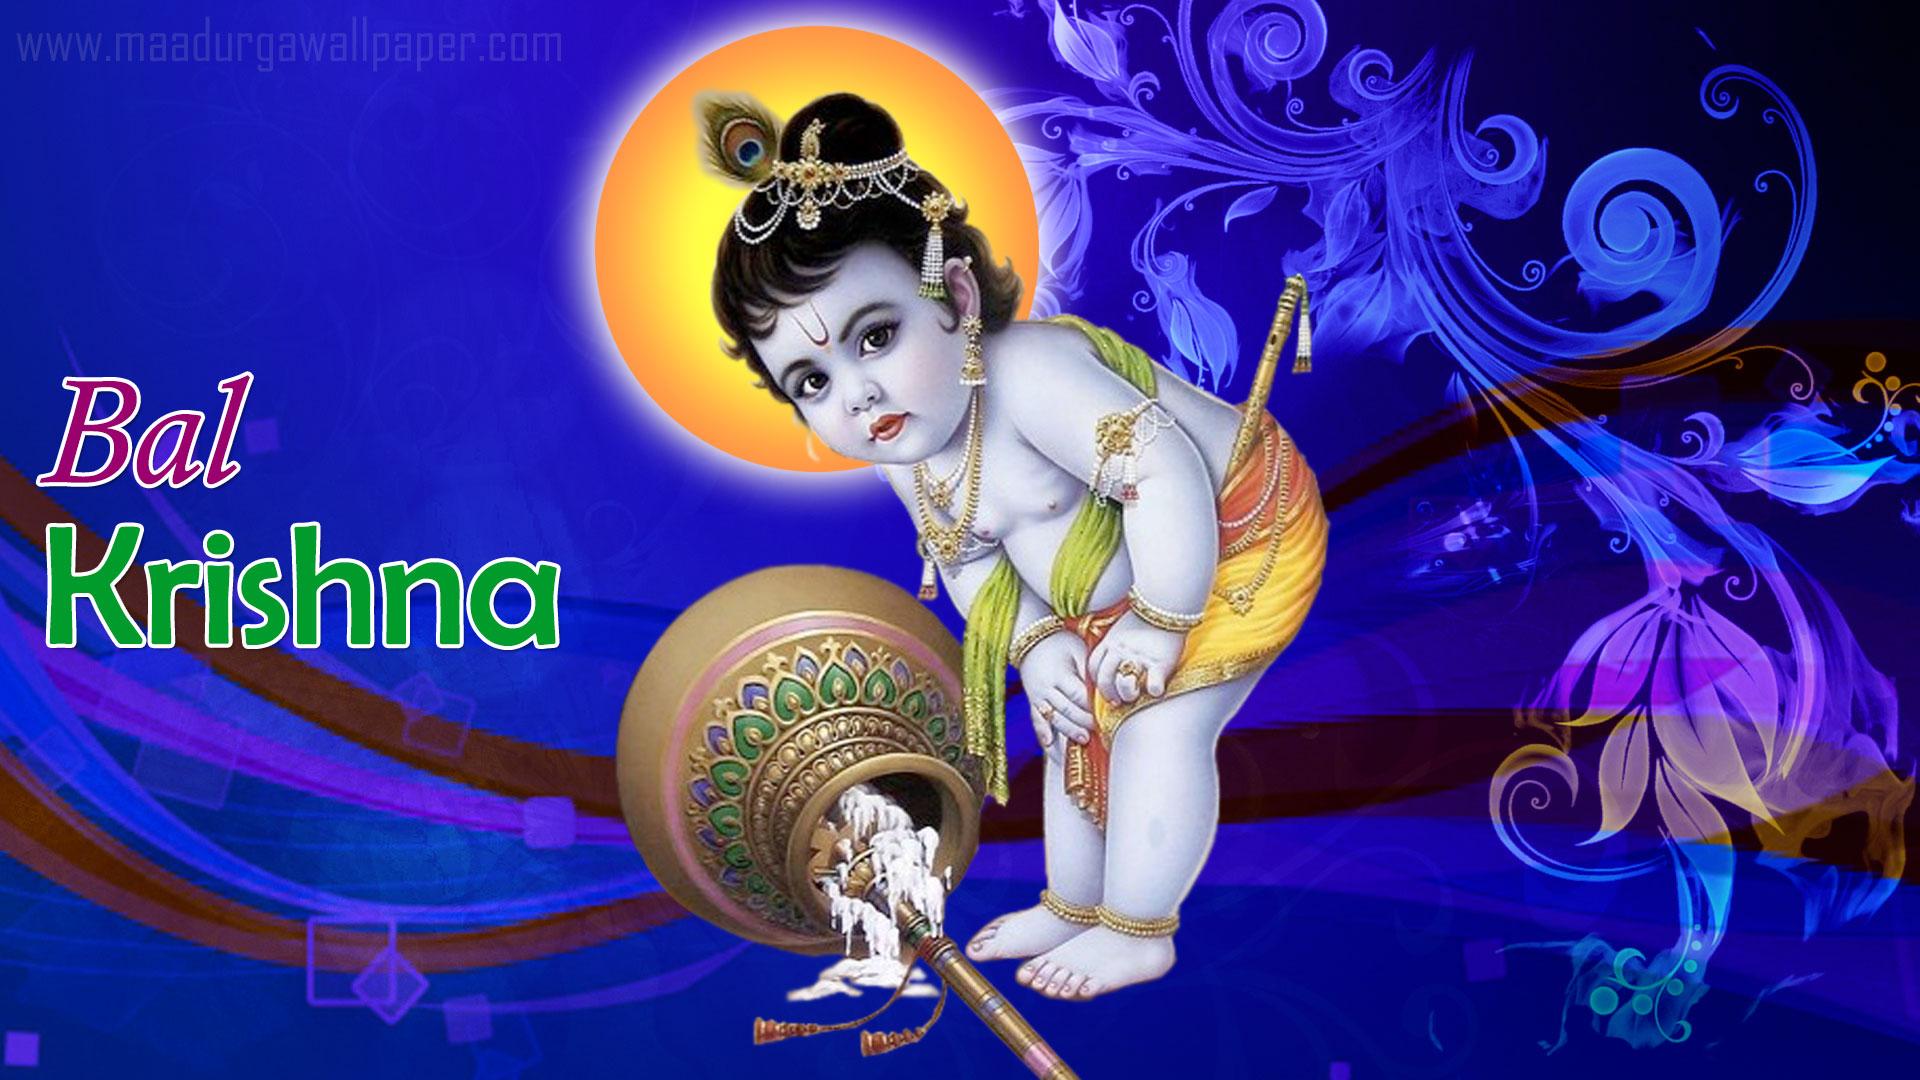 Bal Krishna Wallpaper Hd Download Bal Krishna Wallpaper Hd Hd